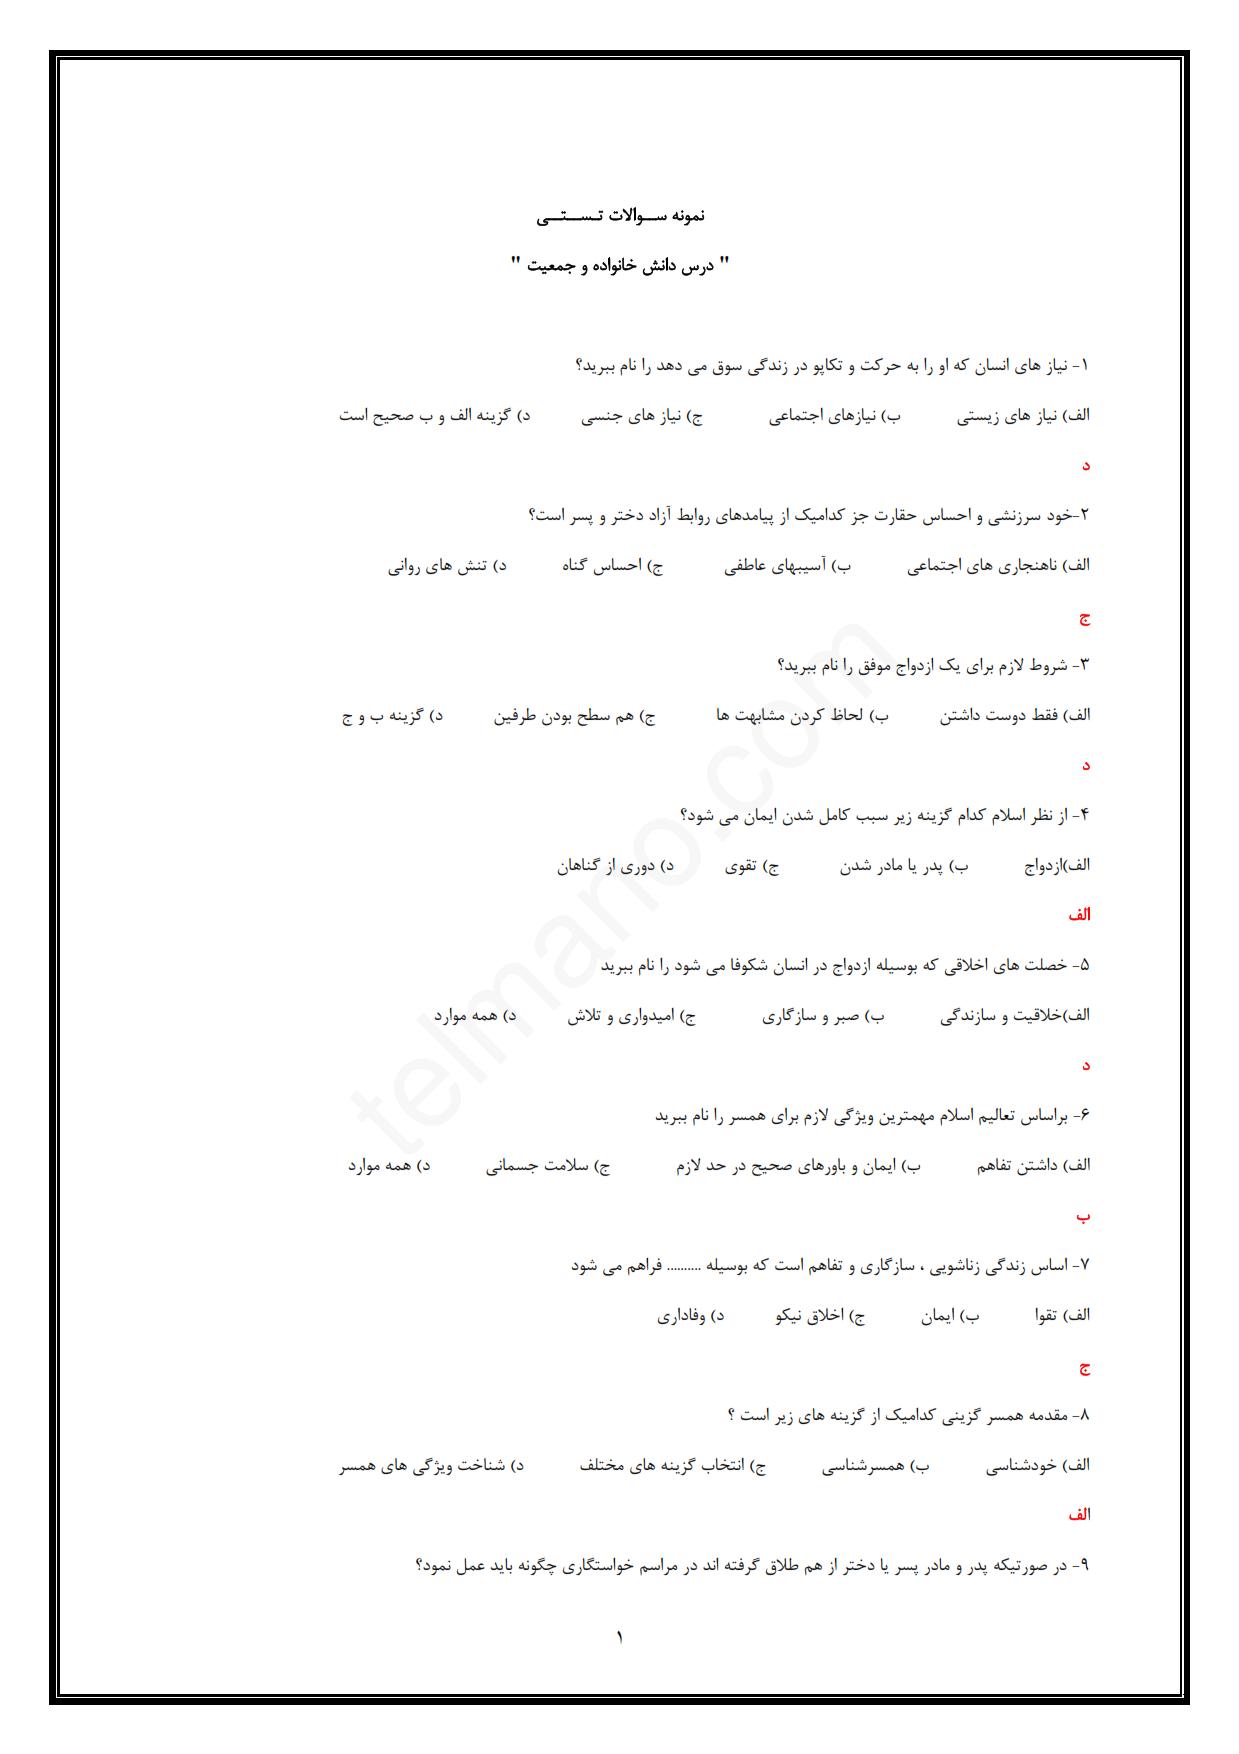 نمونه سوالات تستی دانش خانواده و تنظیم جمعیت جمعی از نویسندگان با پاسخ سوال ها دانلود رایگان pdf